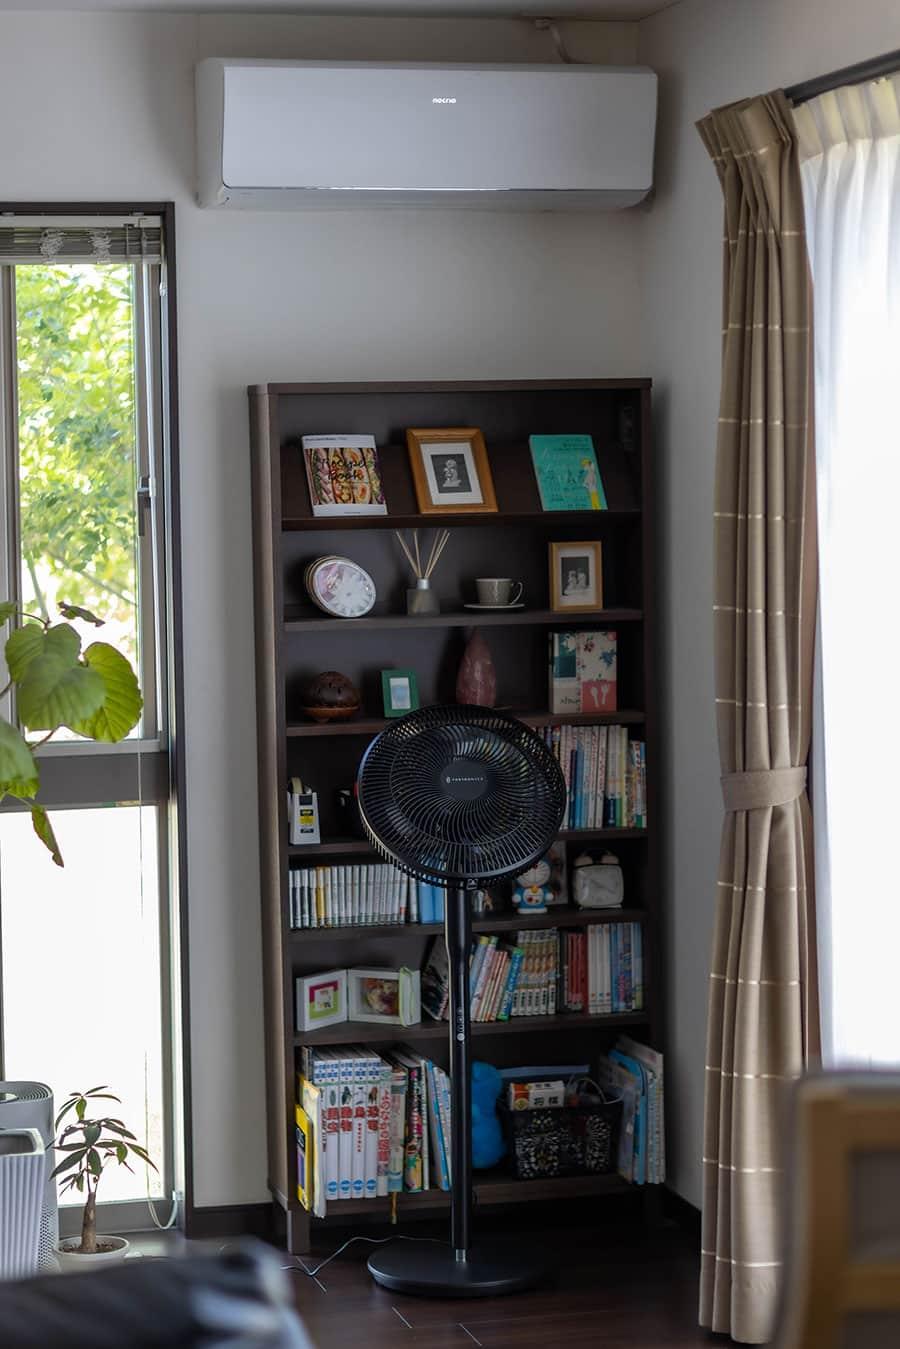 エアコンと一緒に使って室内の空気を簡単に循環できる